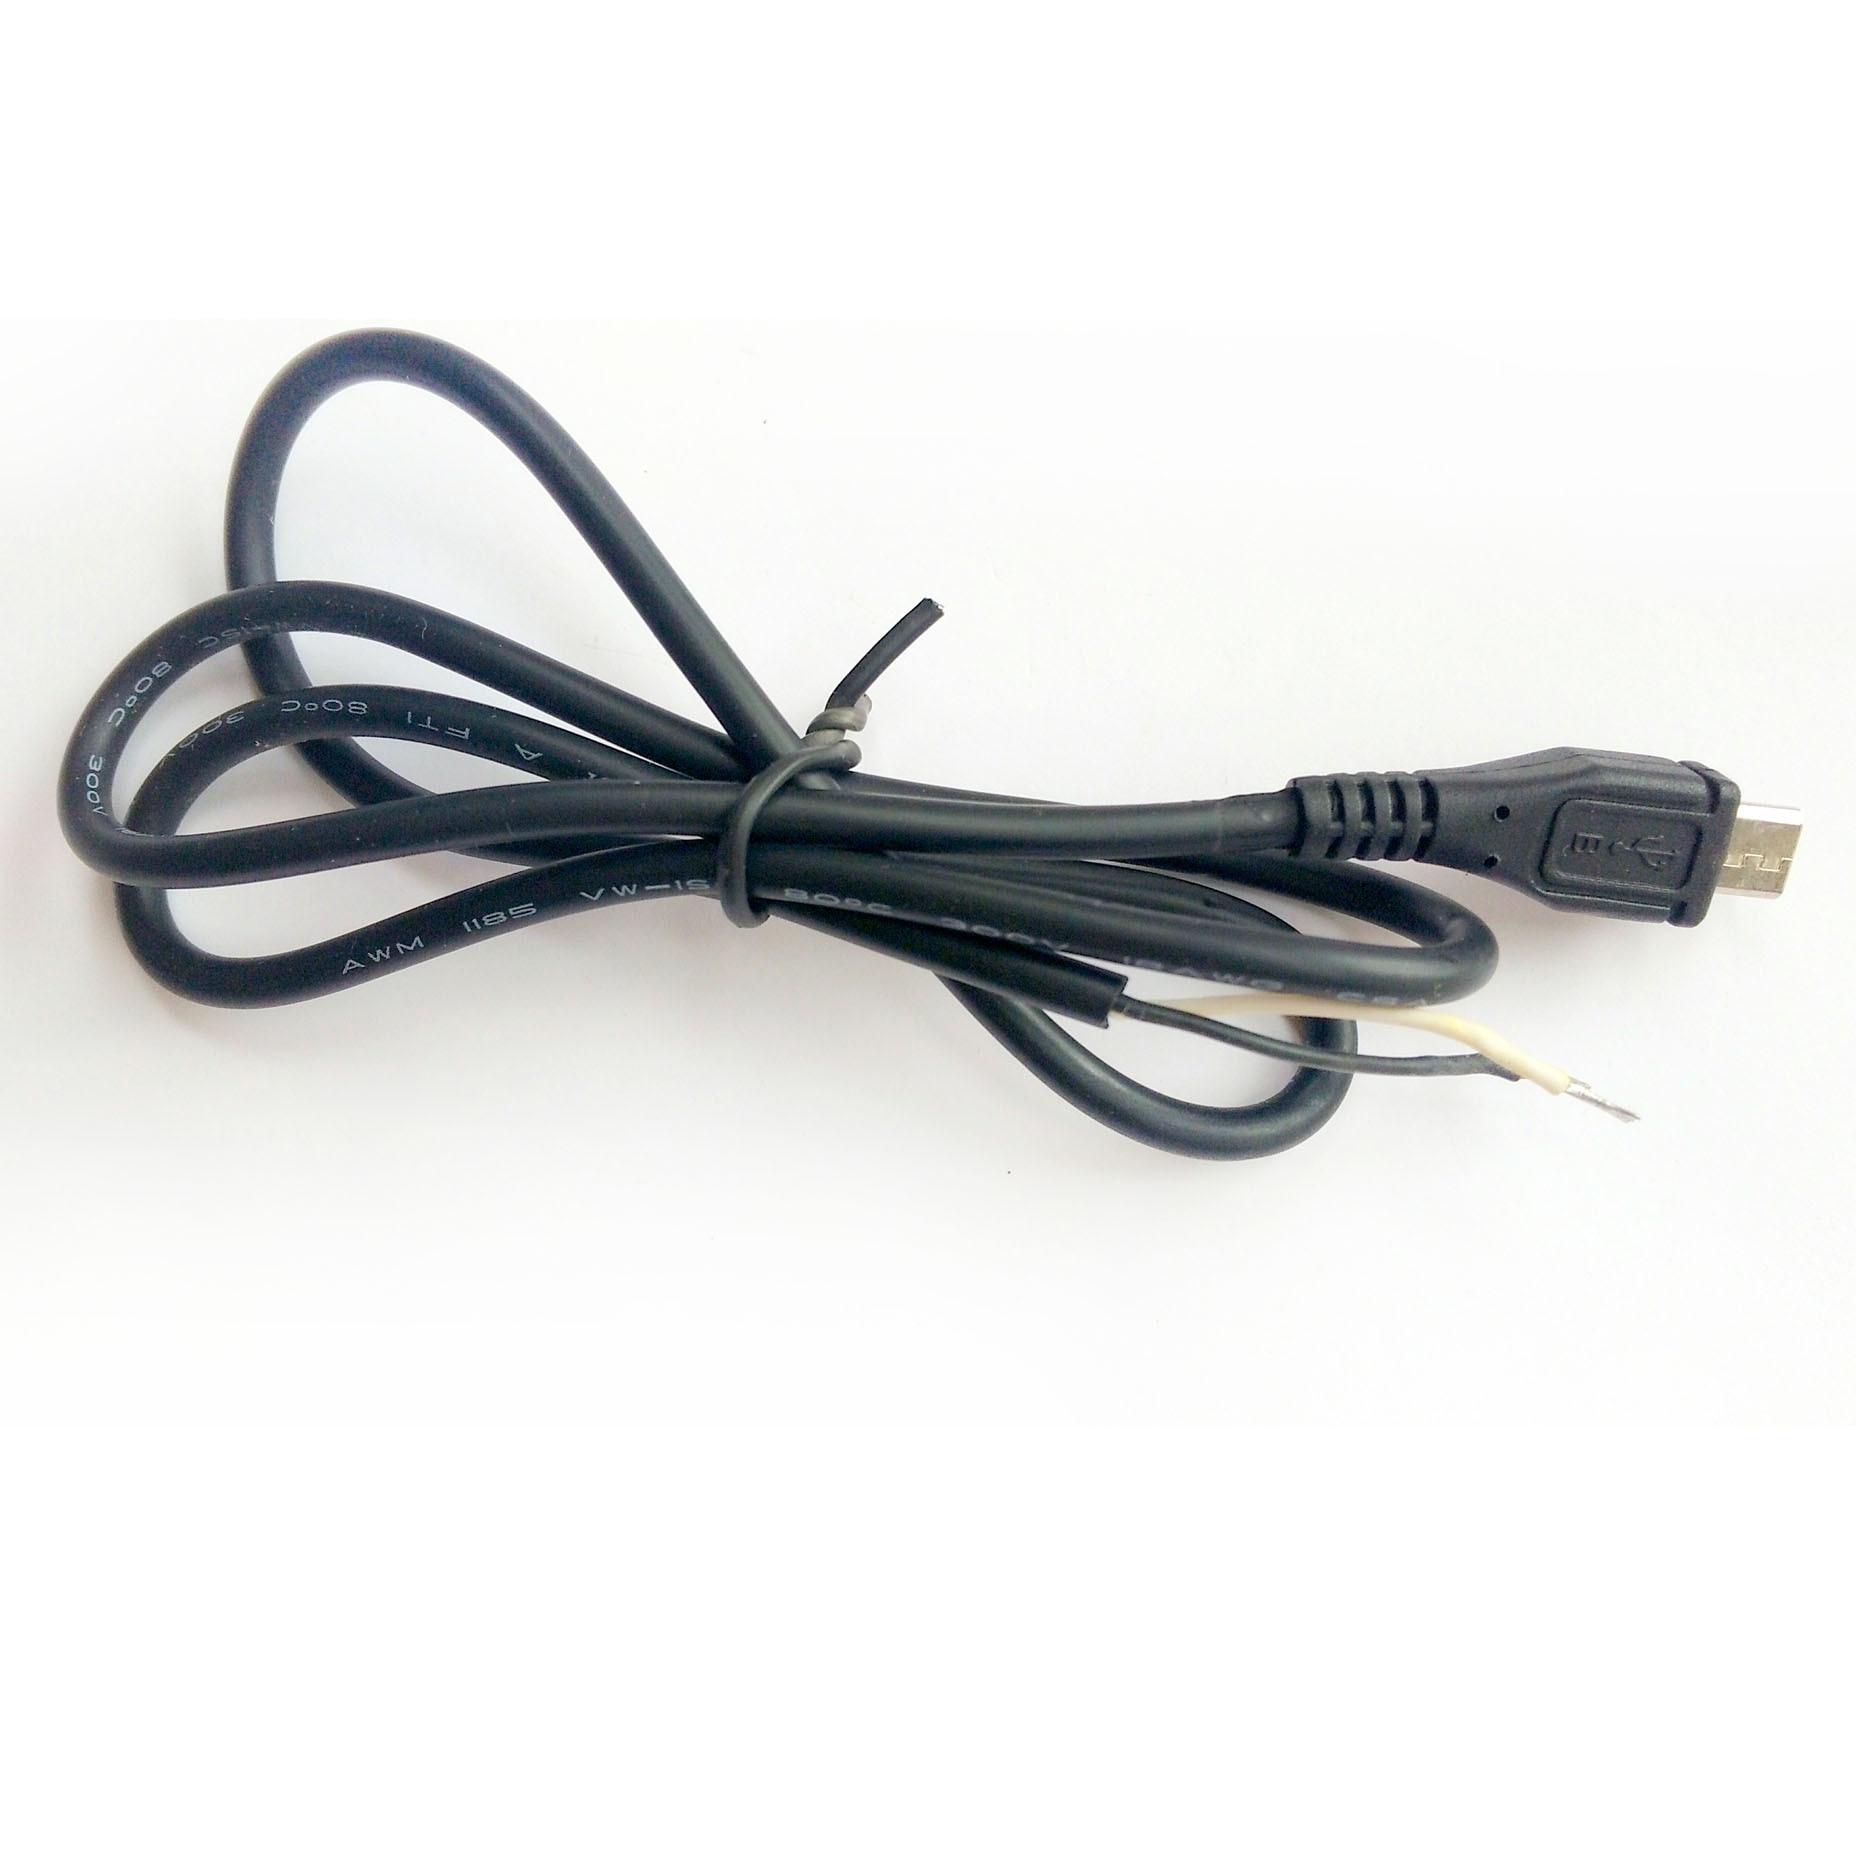 15 pçs de alta qualidade preto micro usb macho plug 2 fio cabo alimentação solda 0.7 m 70cm conectores max atual 3a para carregar diypower cable cordpower cordplug cord -